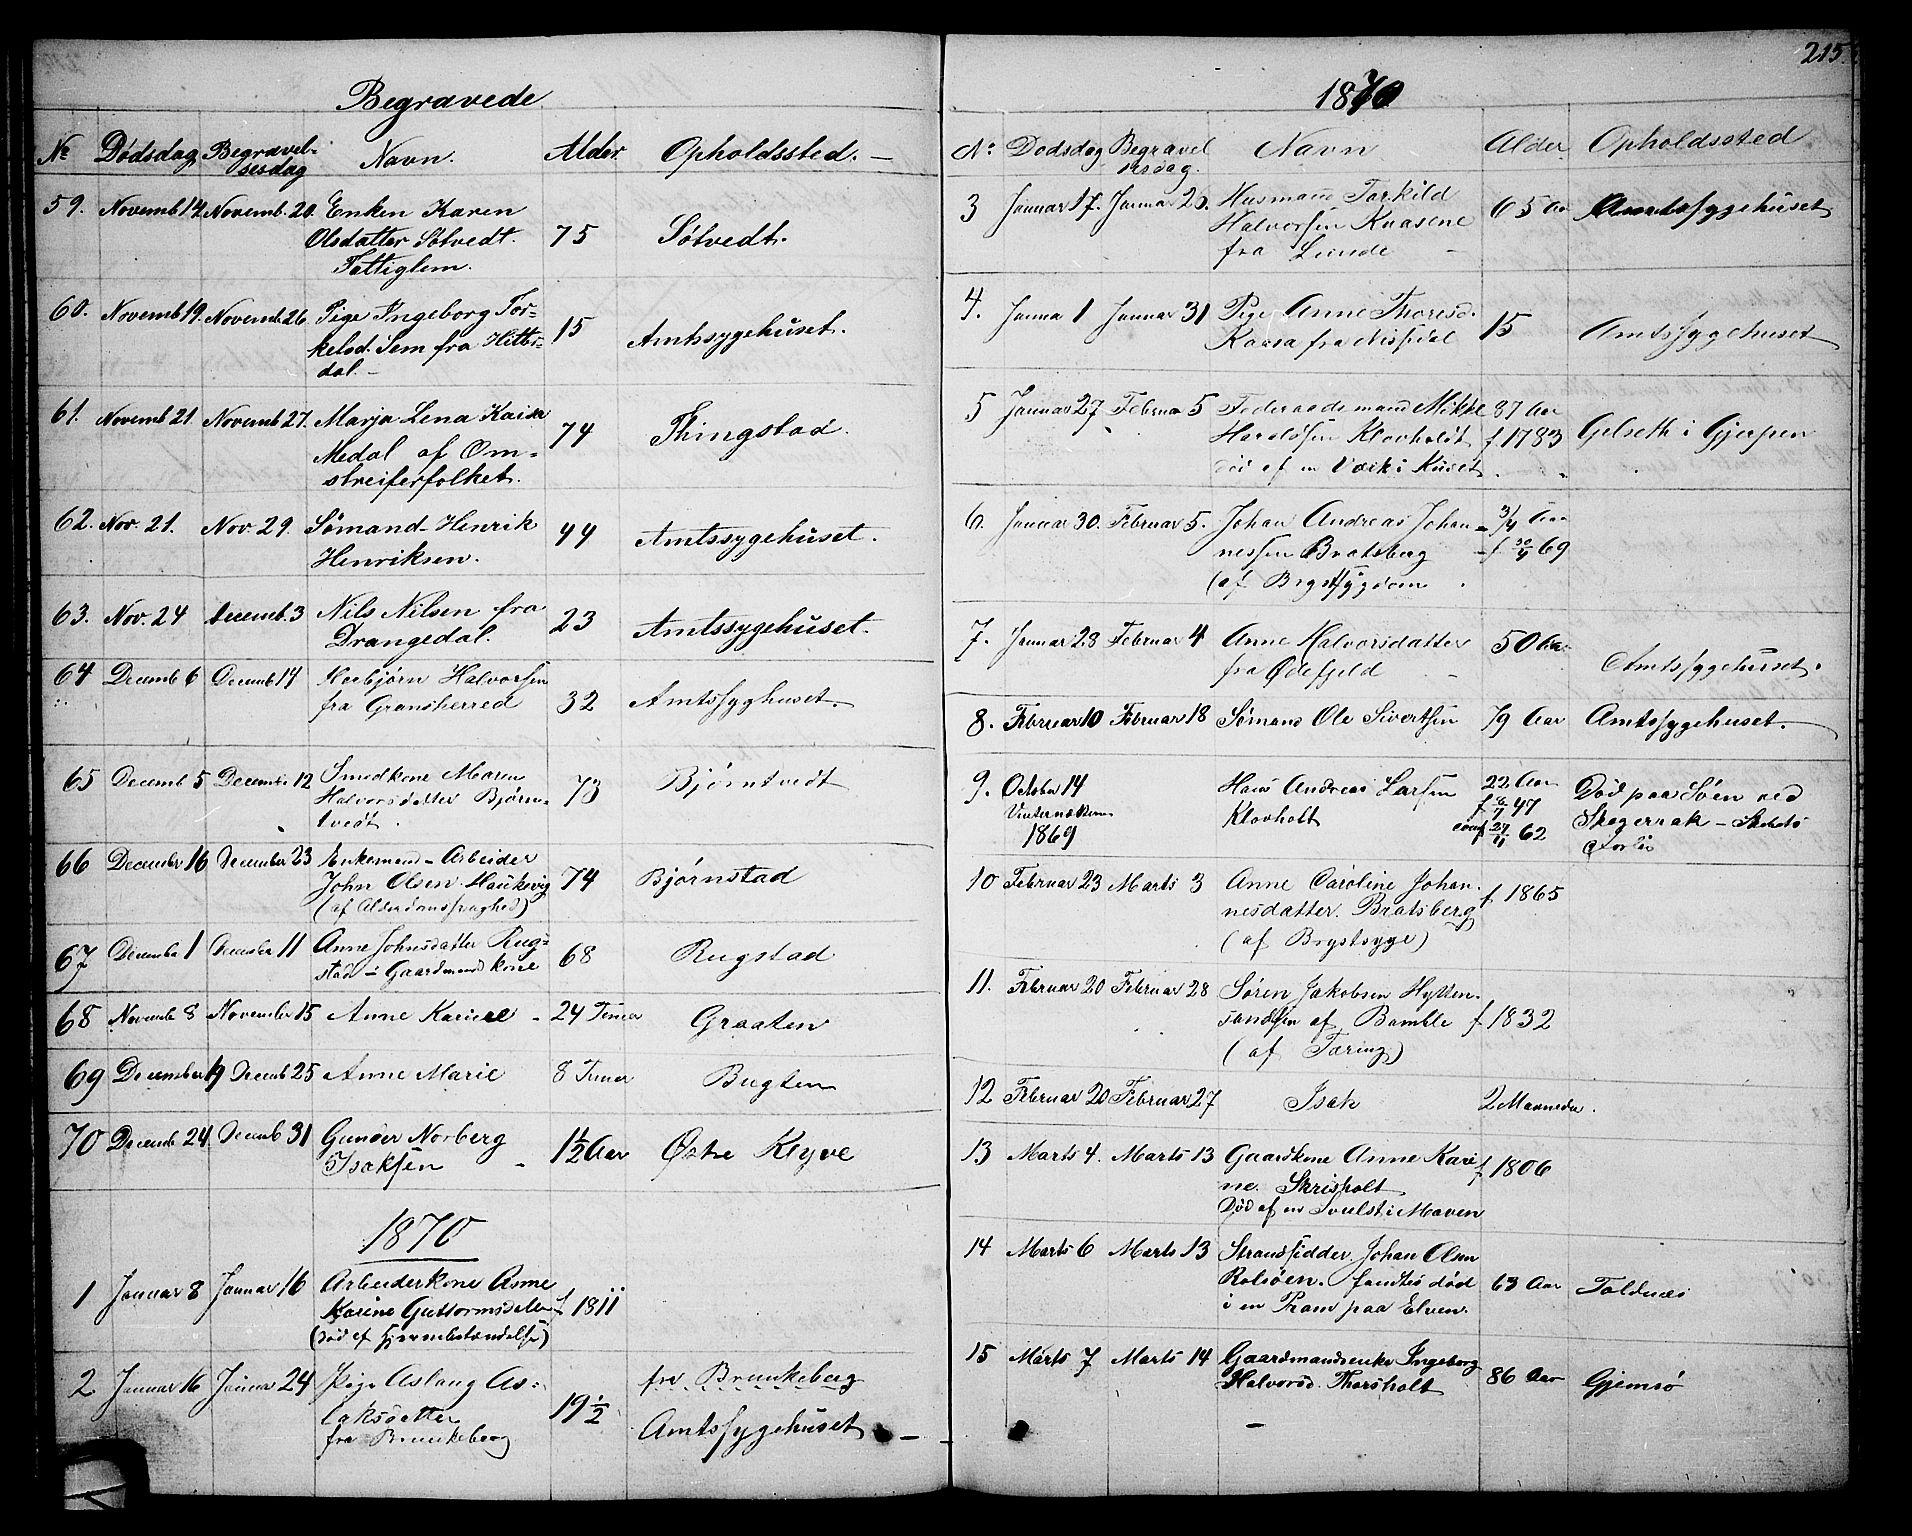 SAKO, Solum kirkebøker, G/Ga/L0004: Klokkerbok nr. I 4, 1859-1876, s. 215